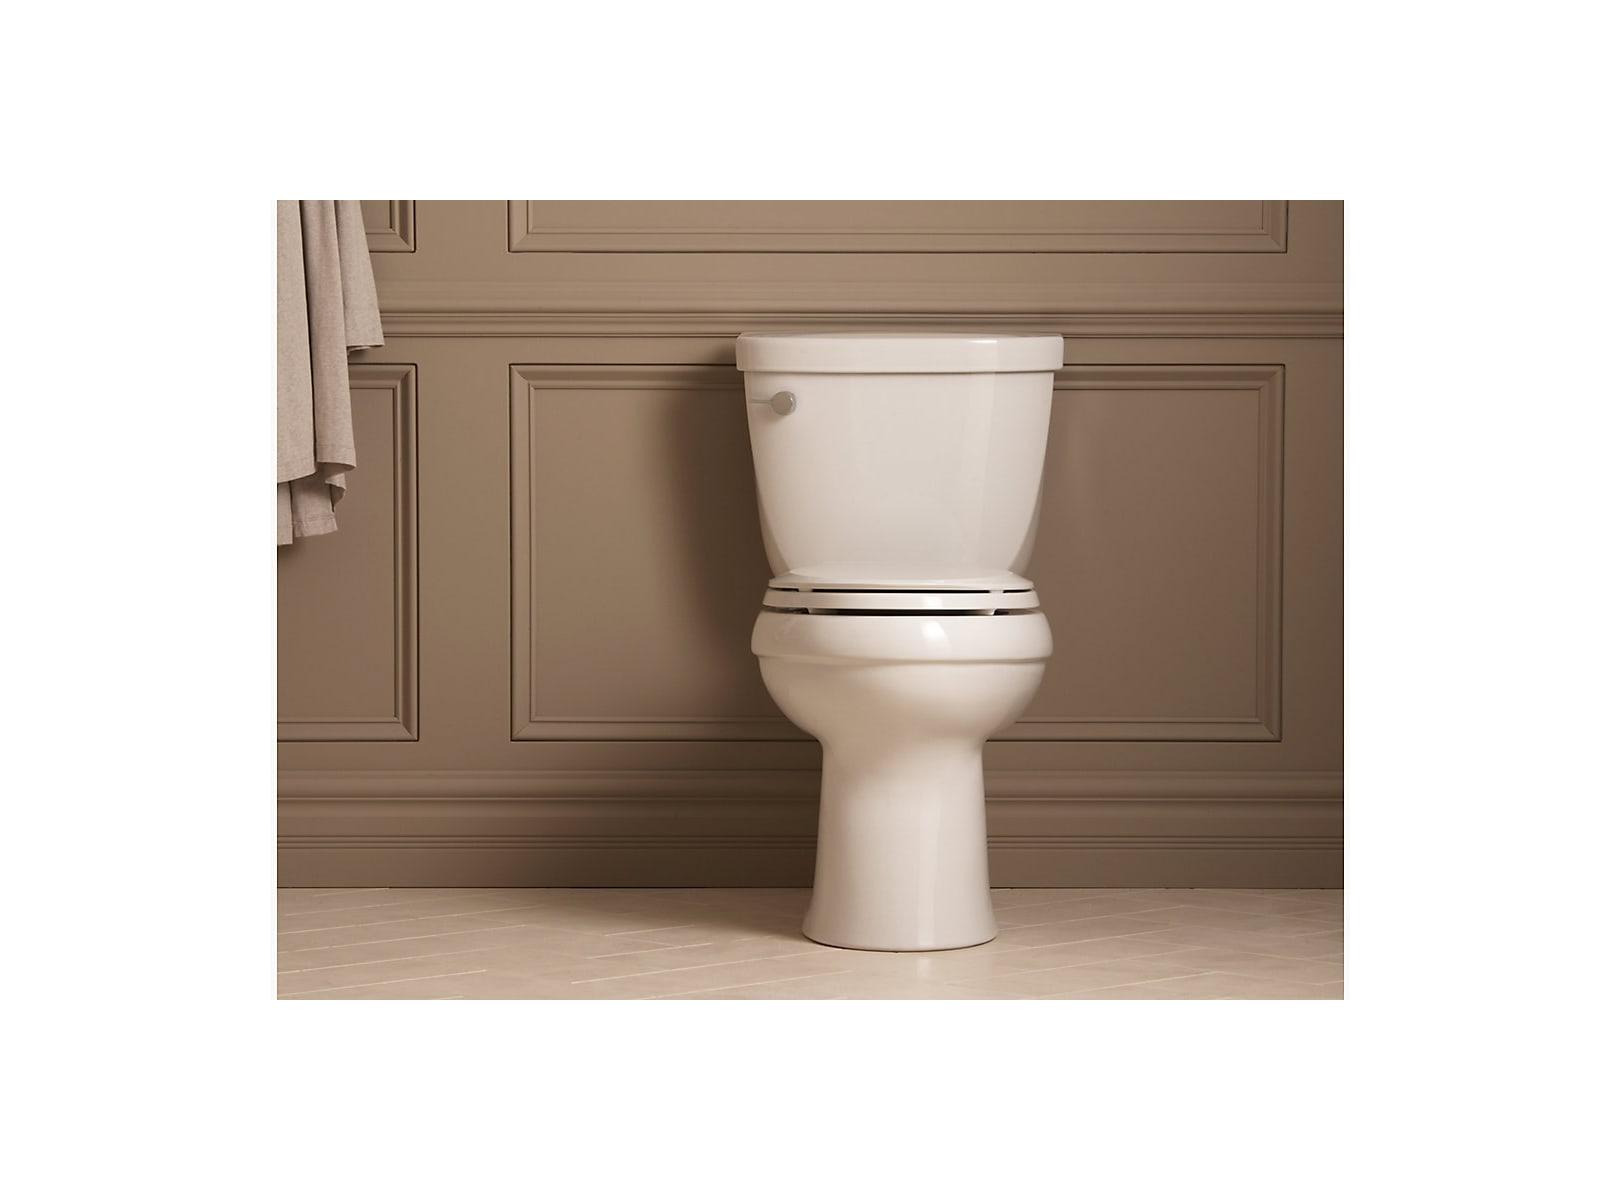 Kohler K-4309-0 White Cimarron Comfort Height Elongated Toilet Bowl ...